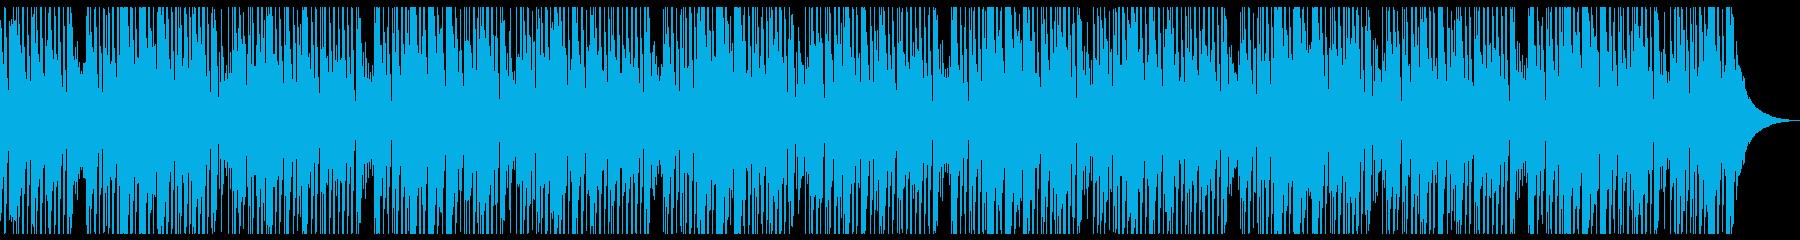 さわやかな話をするときにピッタリなBGMの再生済みの波形